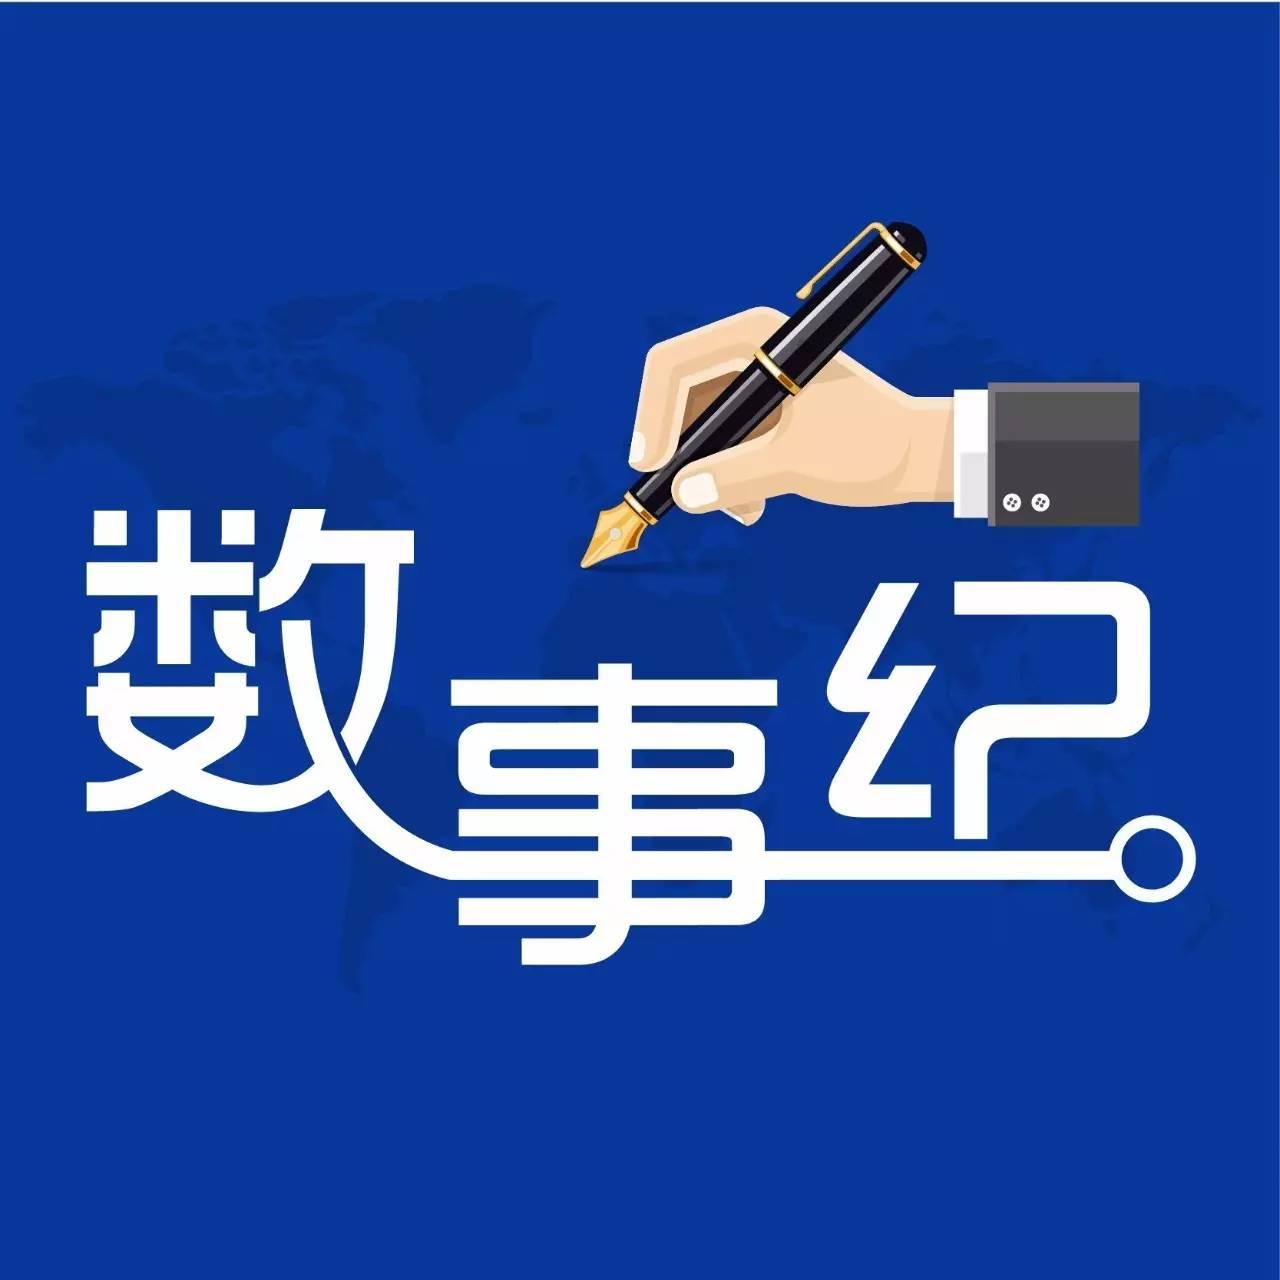 """易观荣获2017年度大数据世界""""最佳数据分析奖"""""""